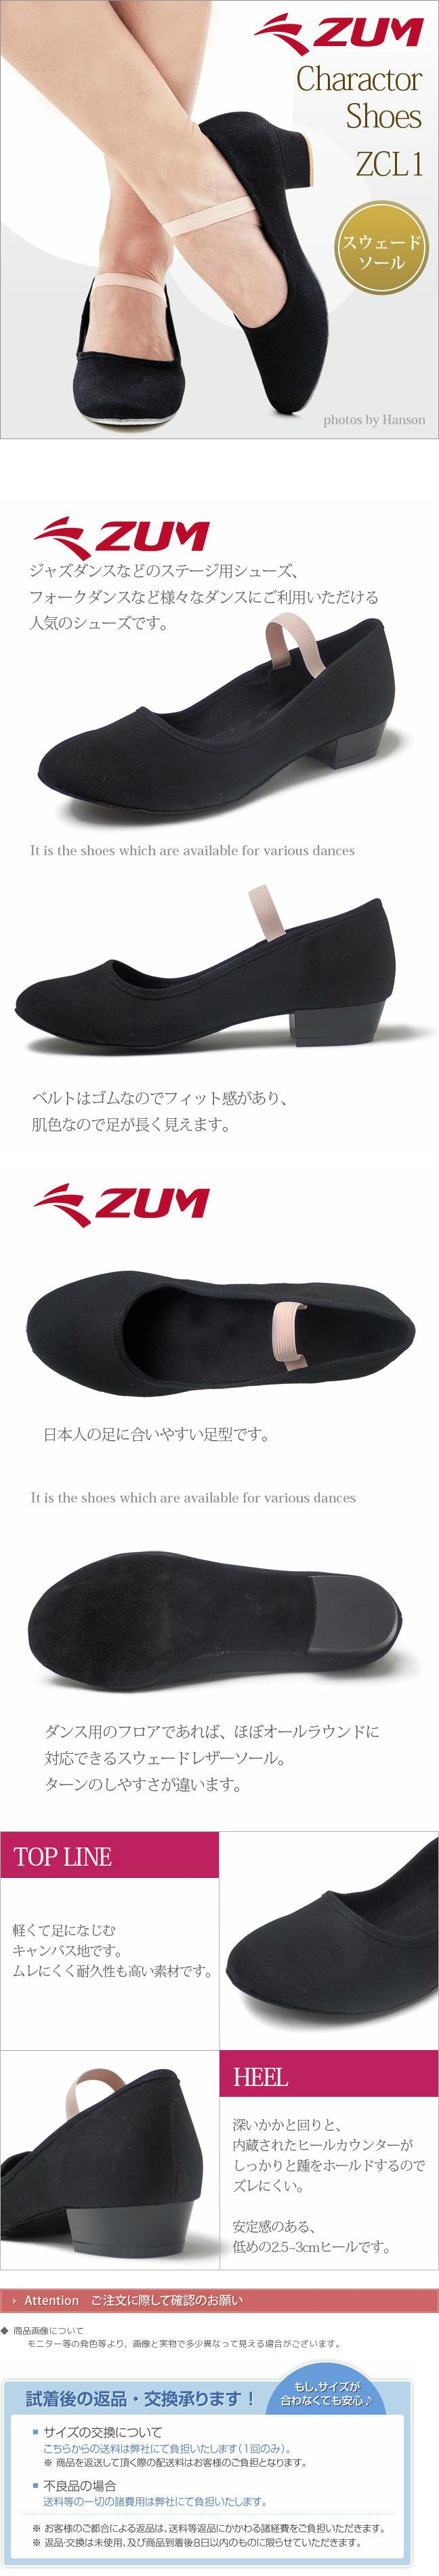 zcl1.jpg